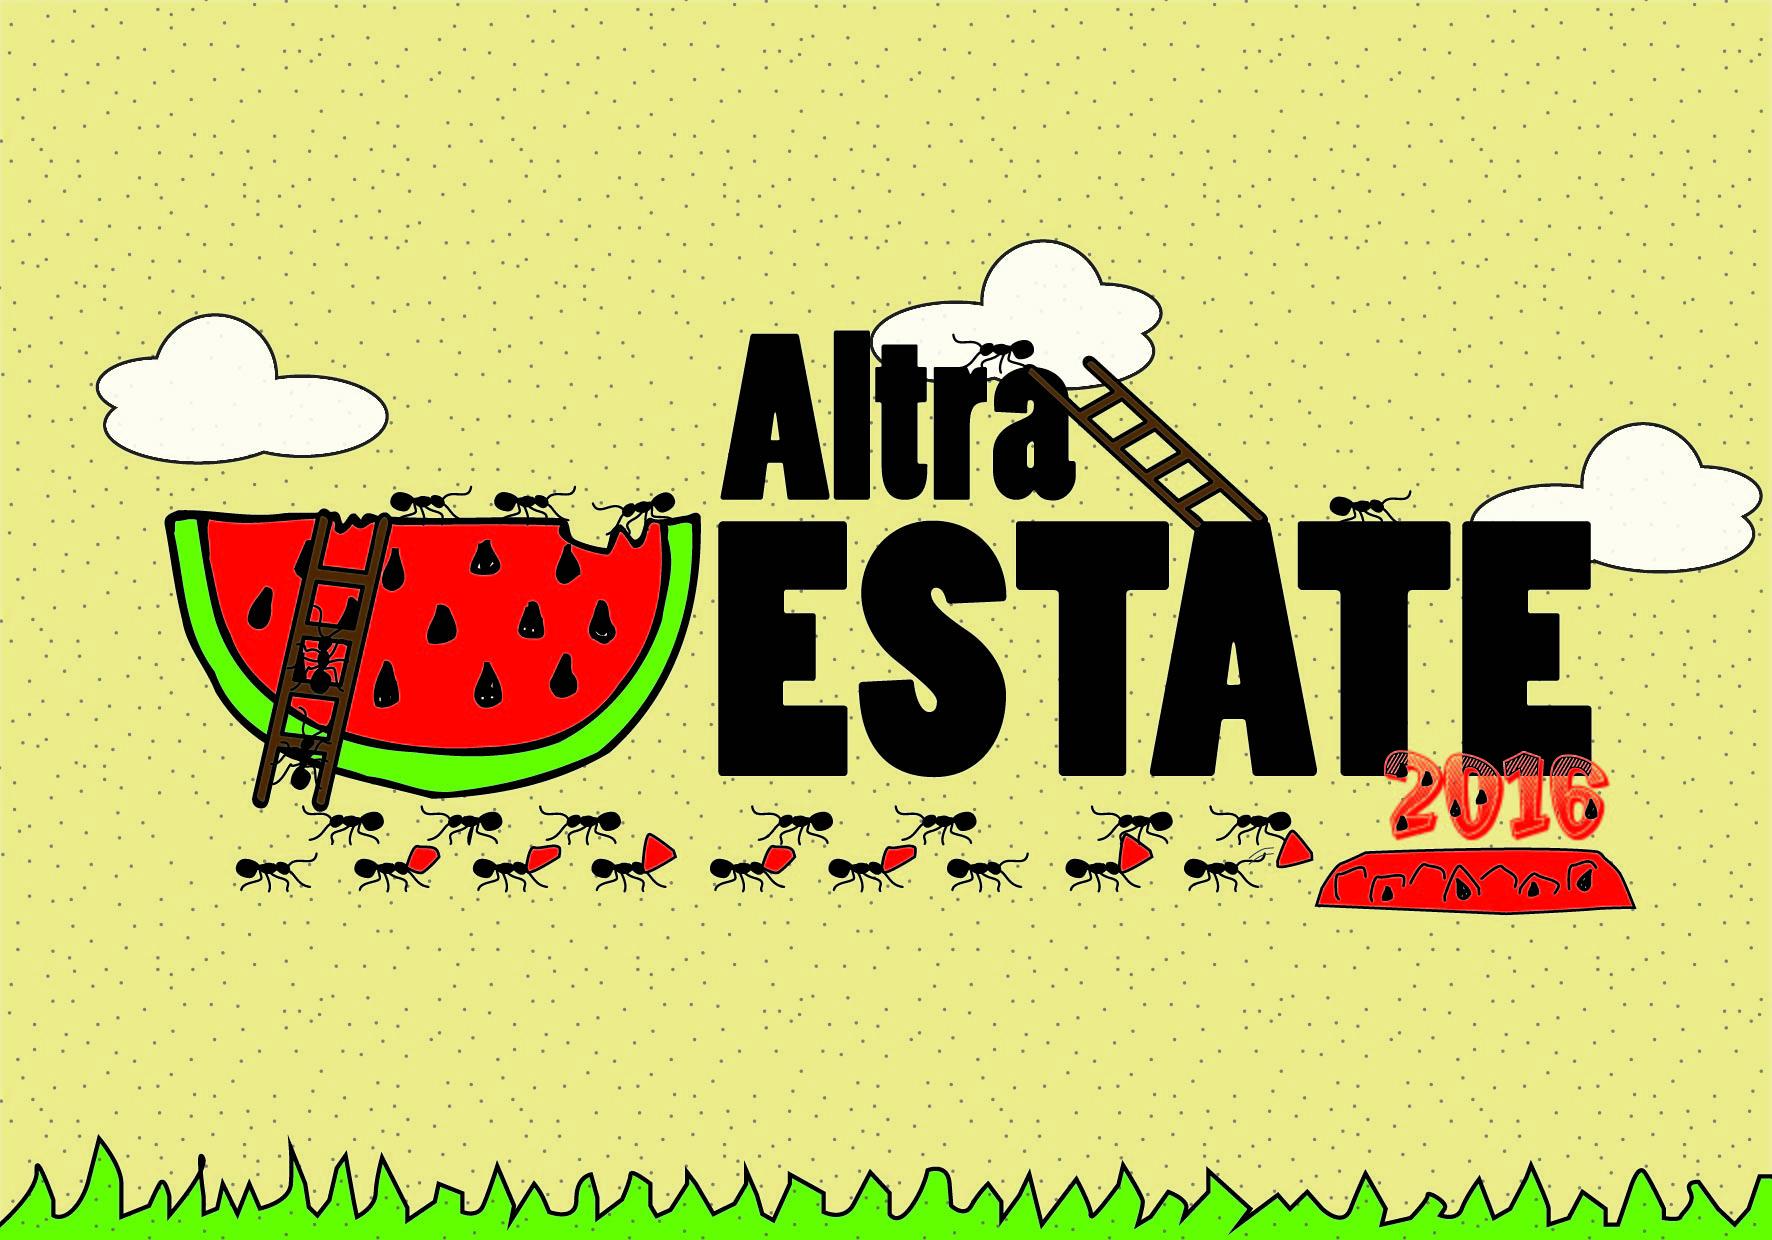 Progetto Altra Estate edizione 2016